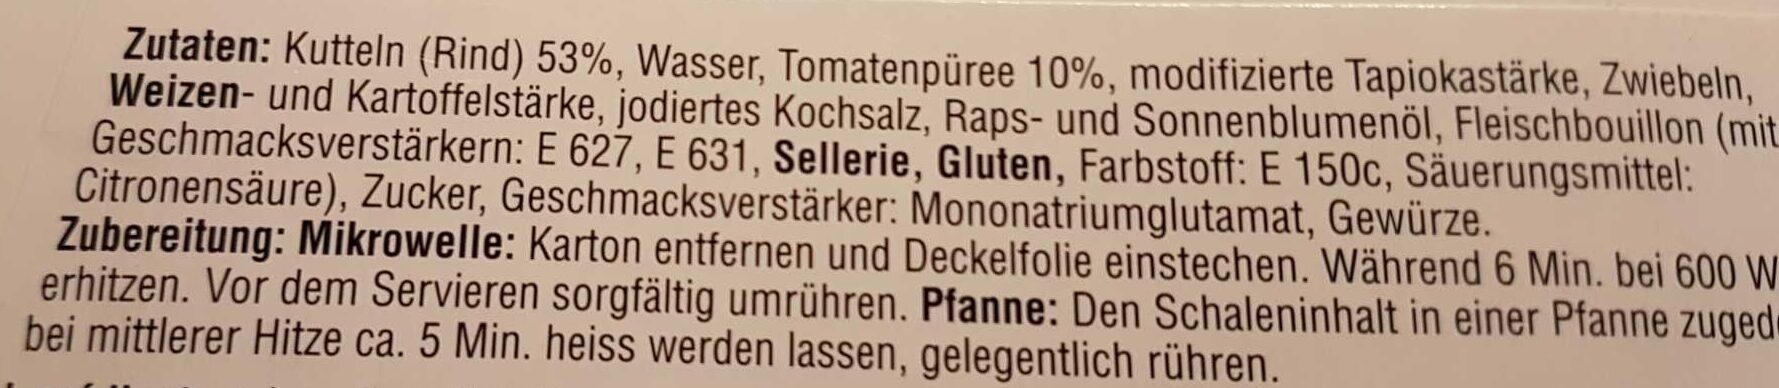 Kutteln - Ingredients - de